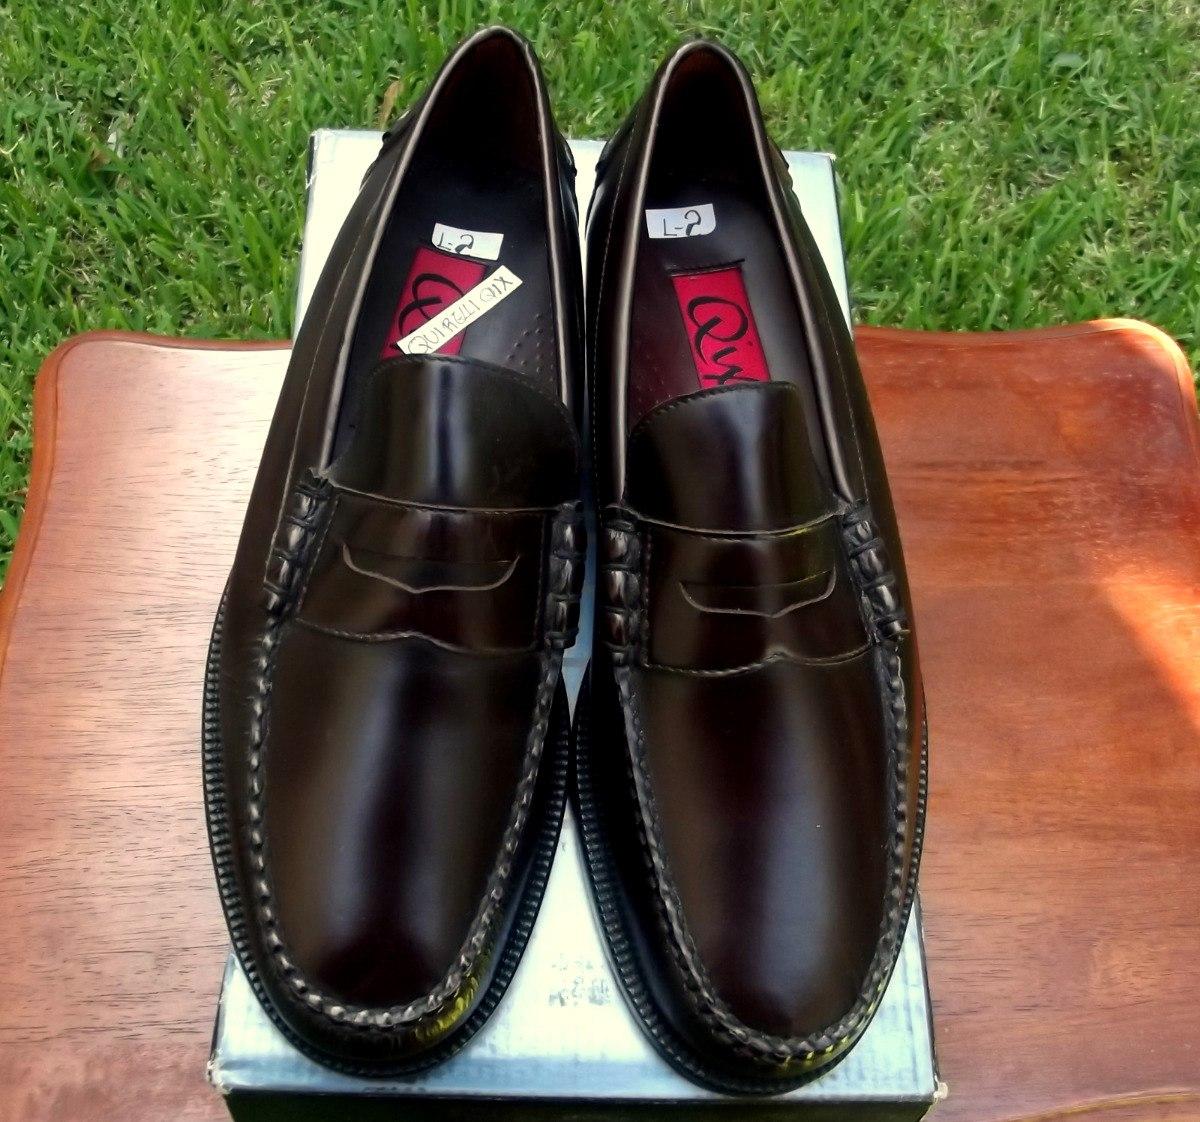 zapatos mocasin quirelli color vino piel vacuno envio gratis. Cargando zoom. fcbfe095816